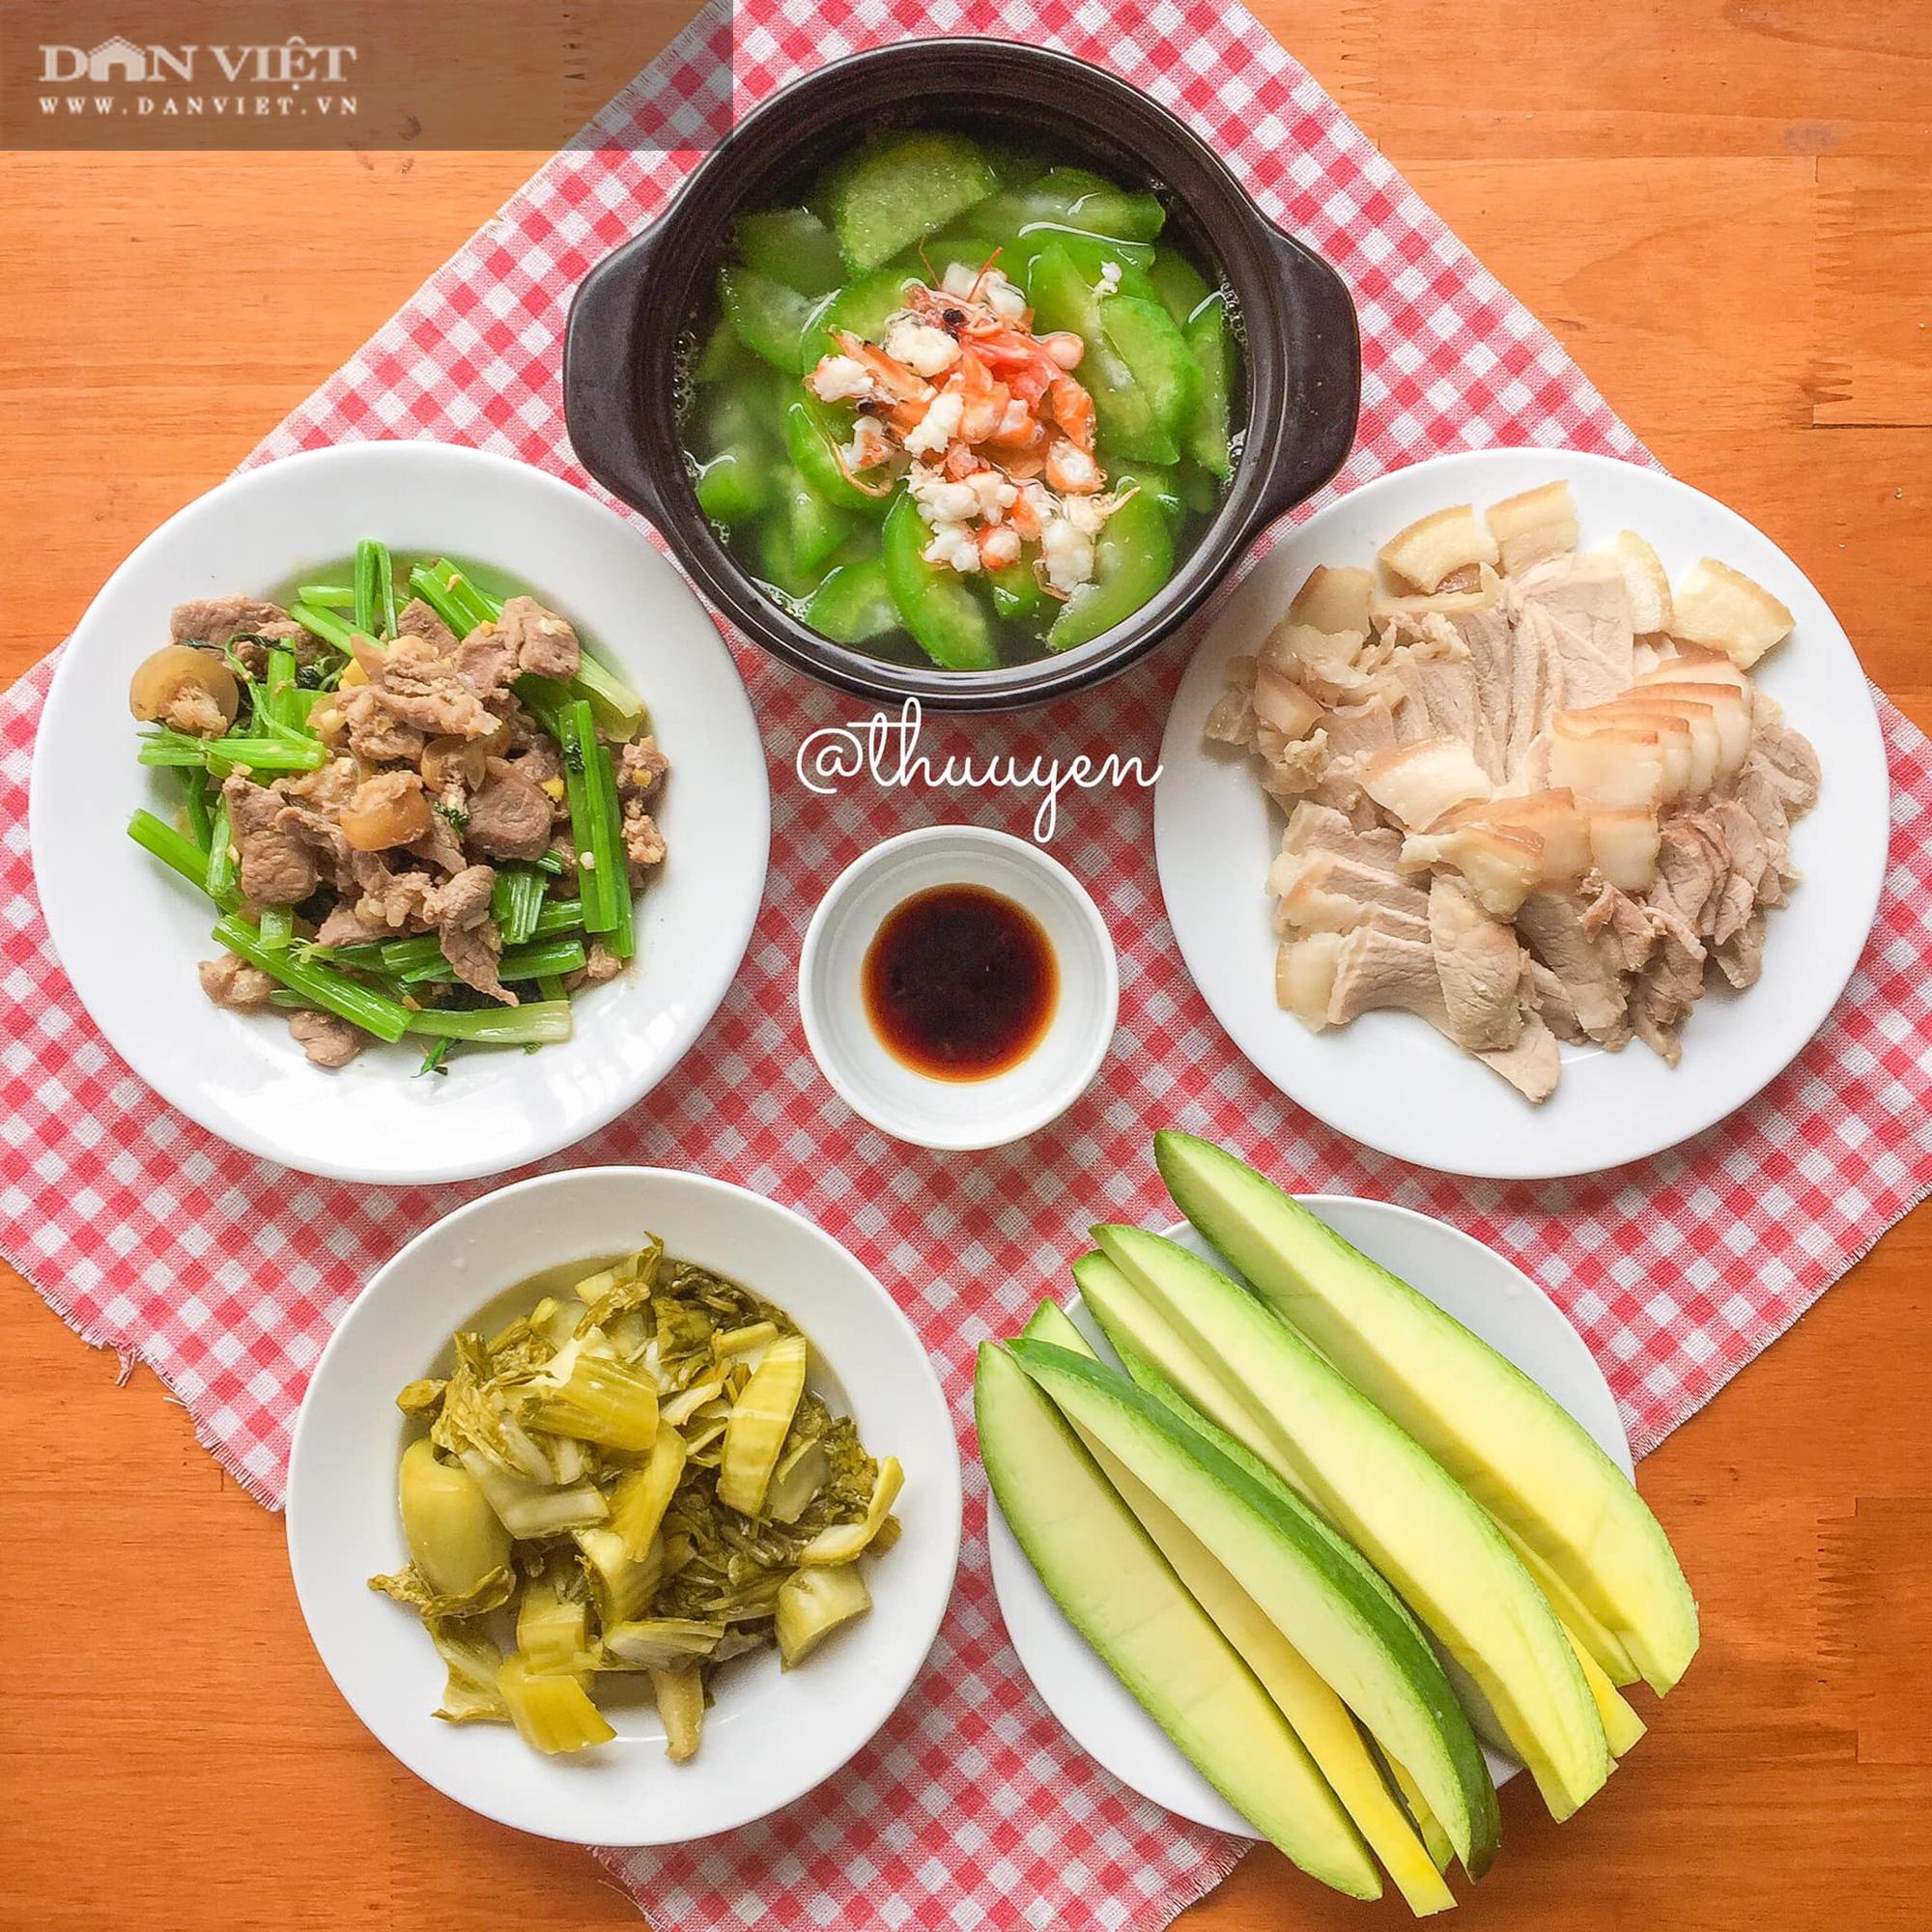 Gợi ý 9 thực đơn cho bữa cơm gia đình xua tan cái nóng của mùa hè - Ảnh 3.